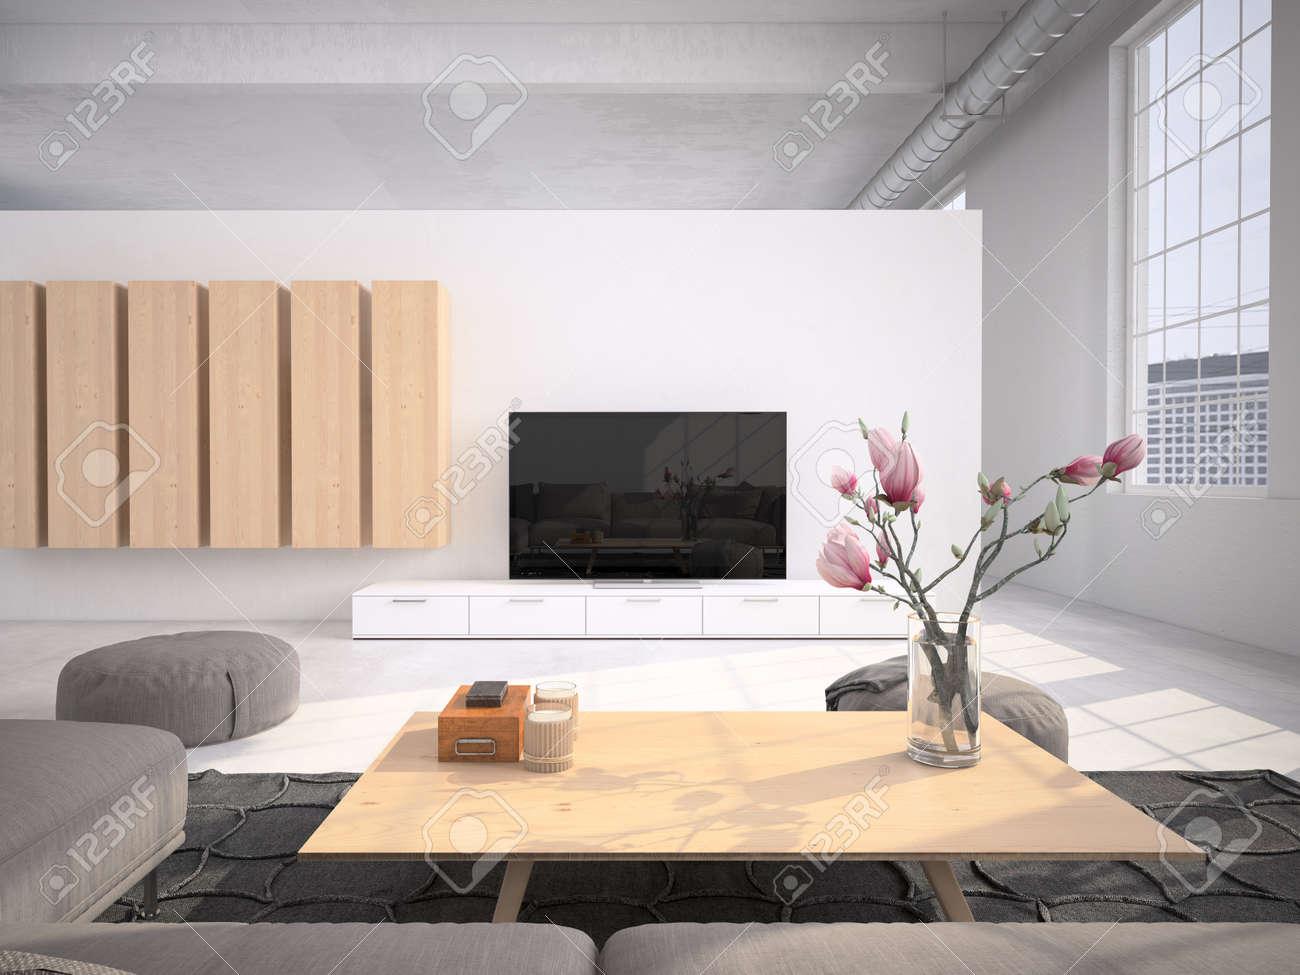 Contemporary living room loft interior. 3d rendering - 54877723